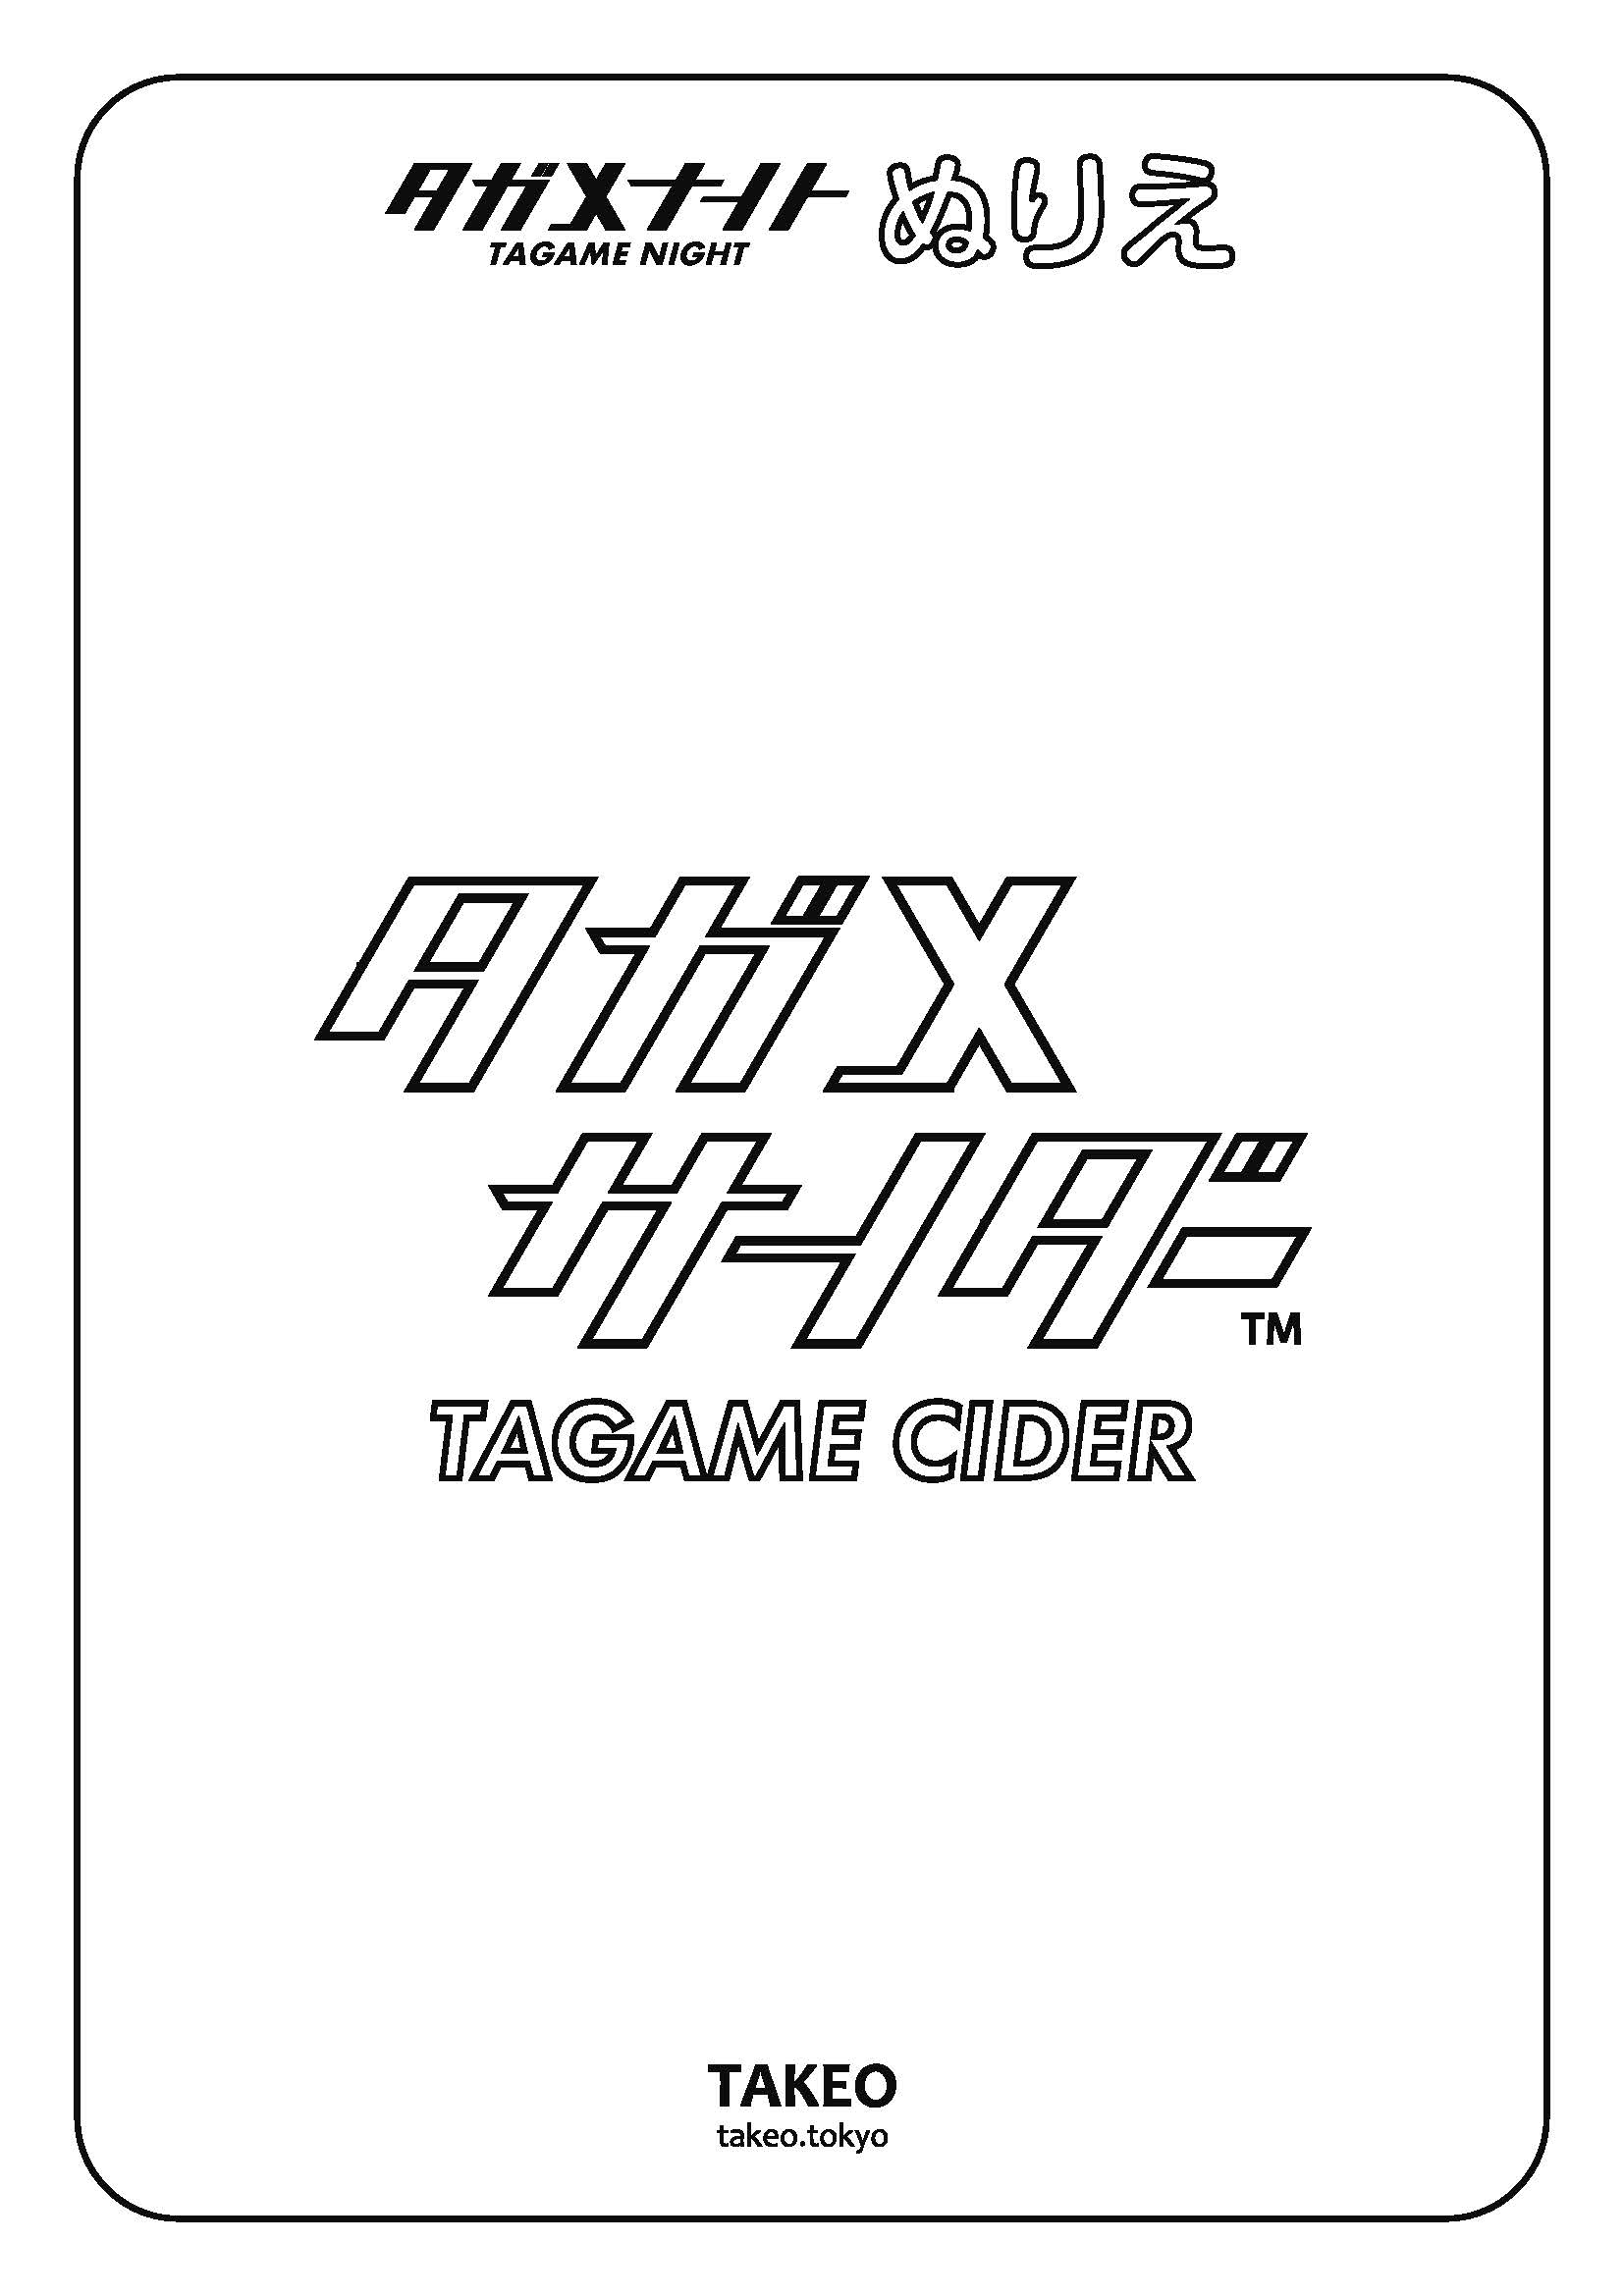 タガメサイダー塗り絵 タガメサイダー ロゴ